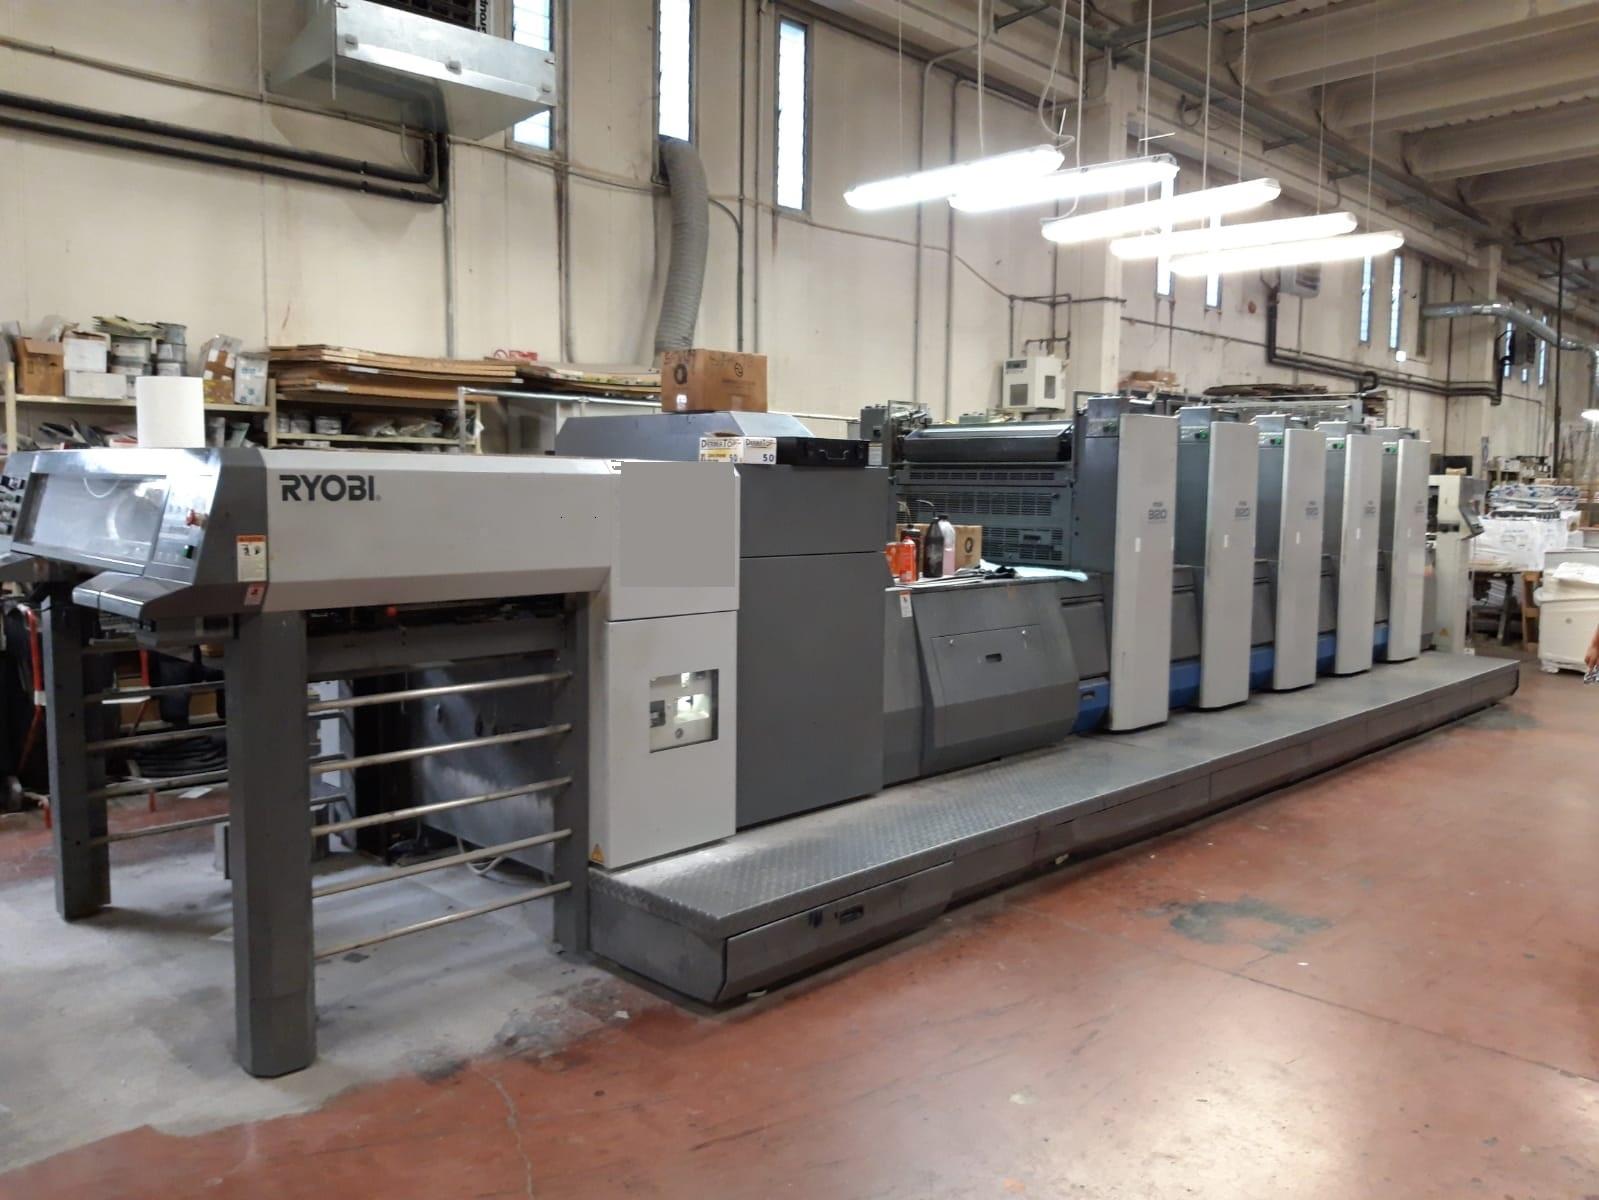 MEK16823 used printing press Ryobi 925 (4)